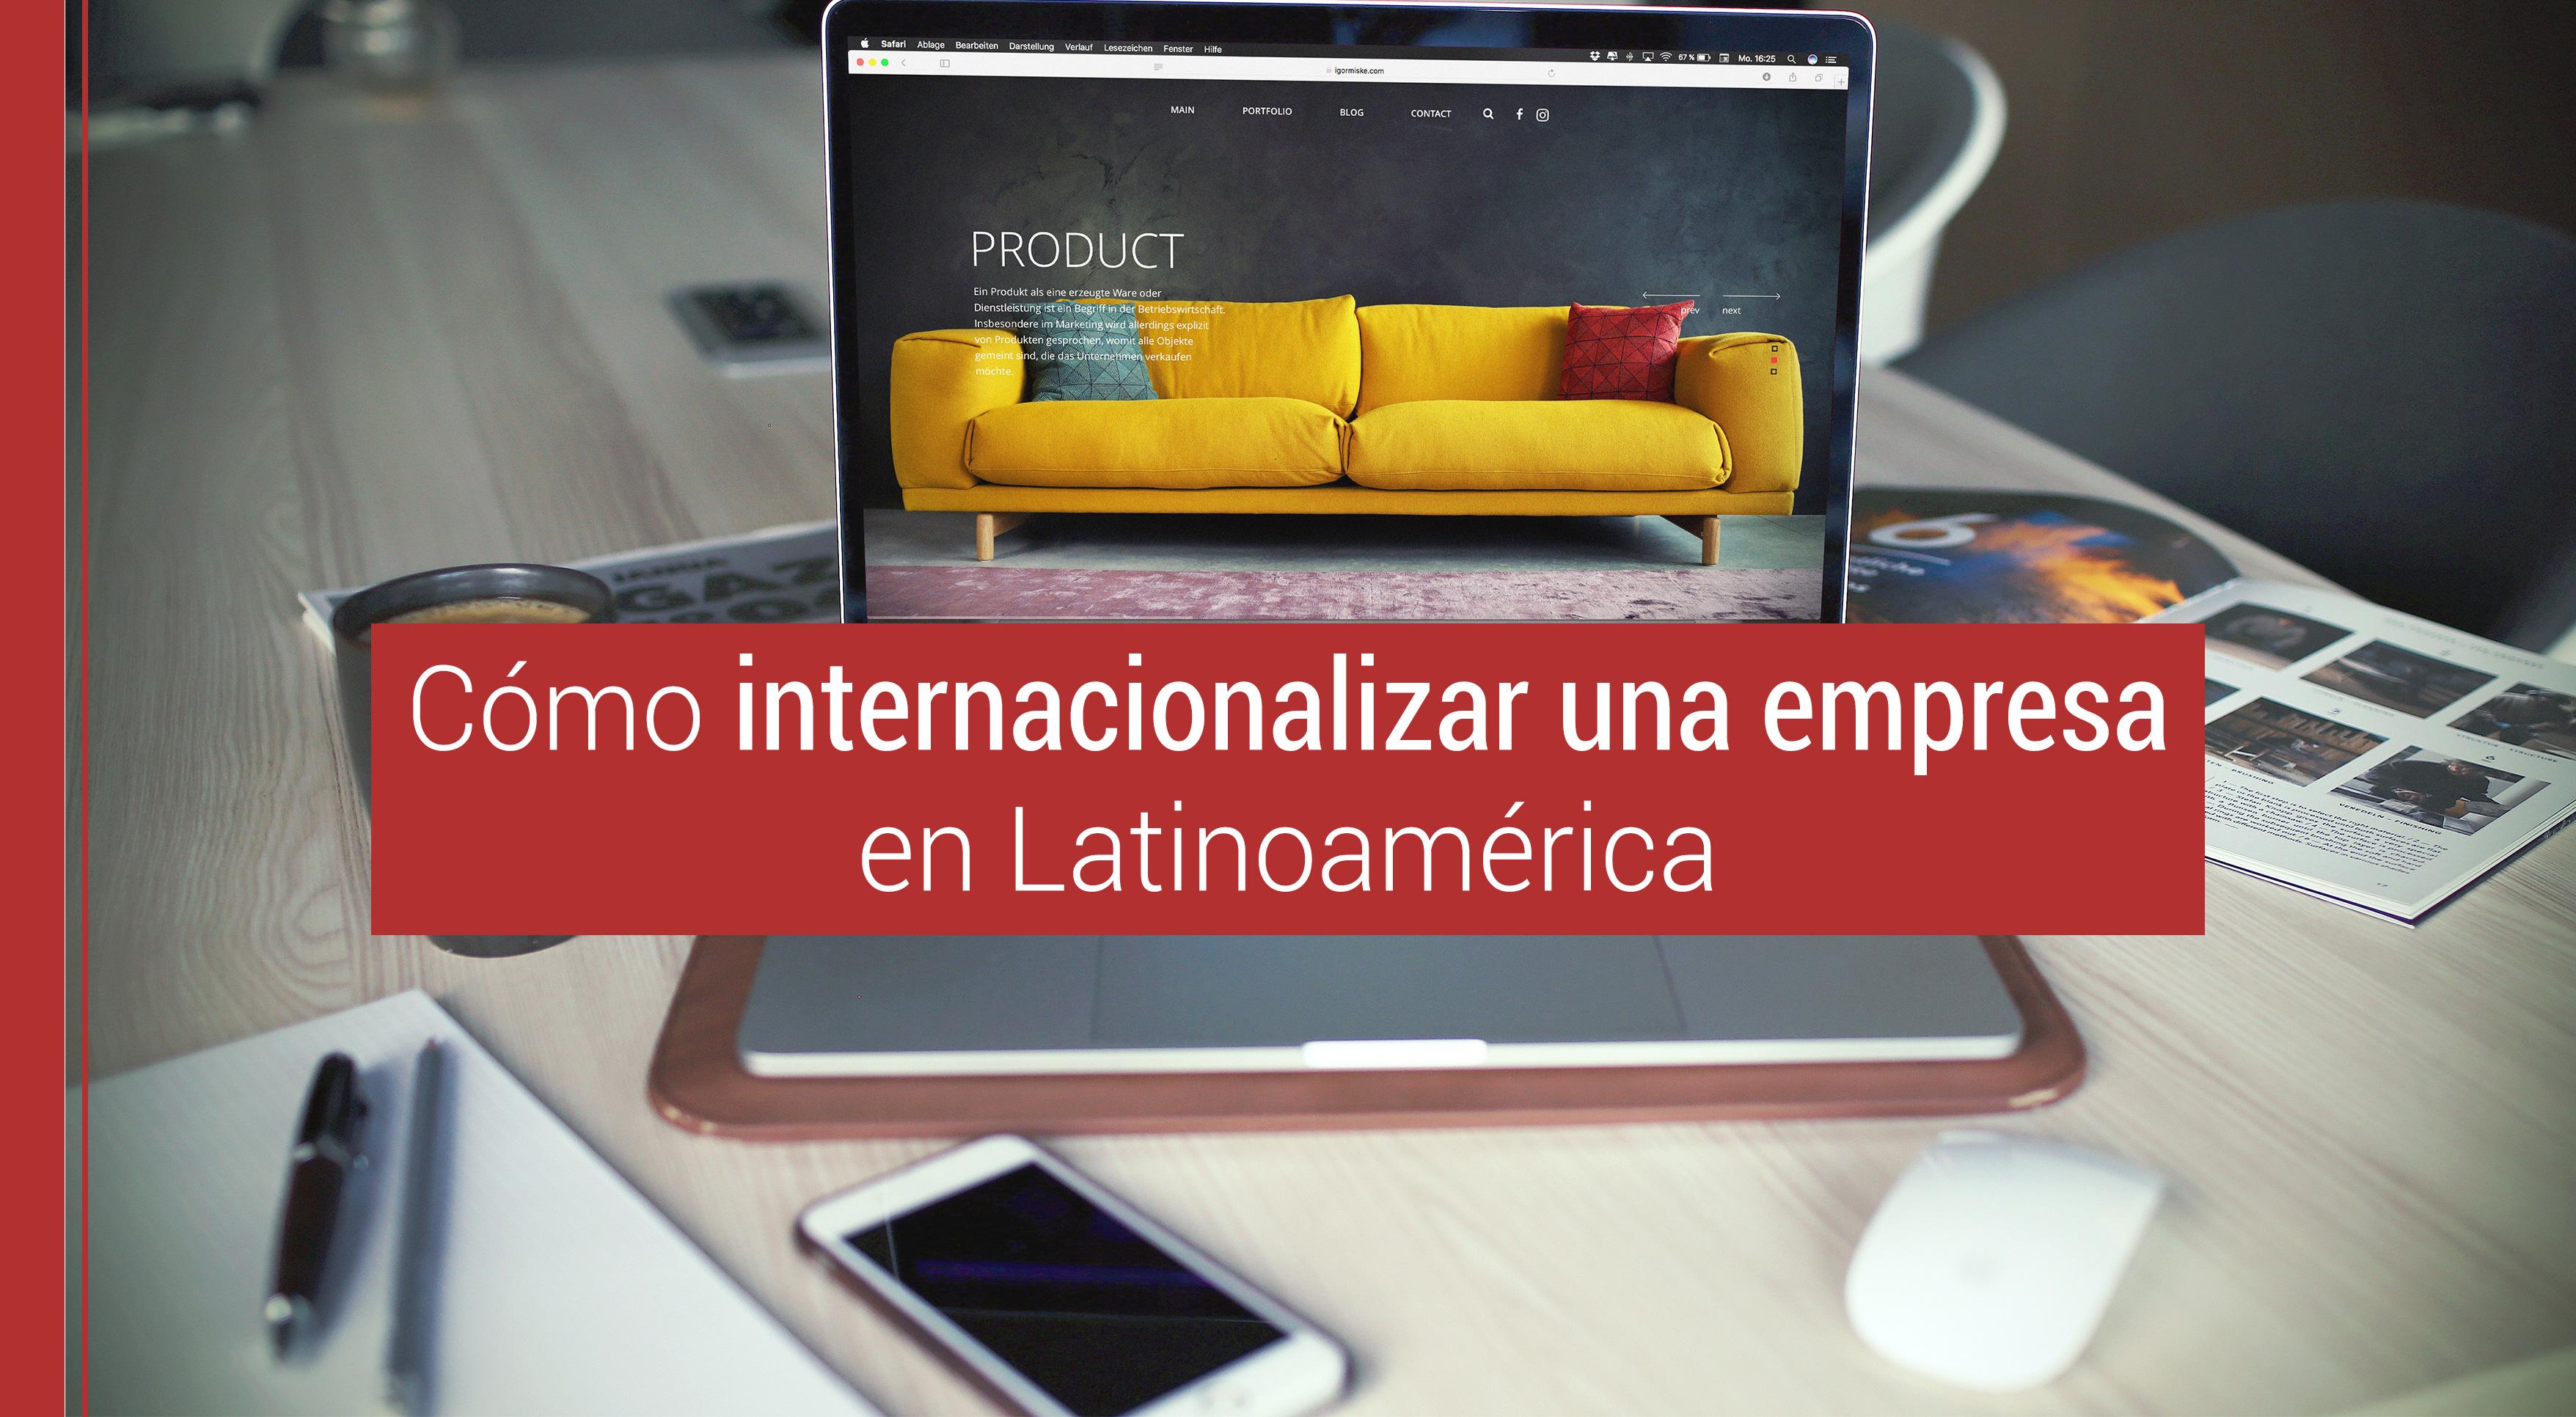 internacionalizar-empresa-latinoamerica Cómo internacionalizar tu empresa en Latinoamérica